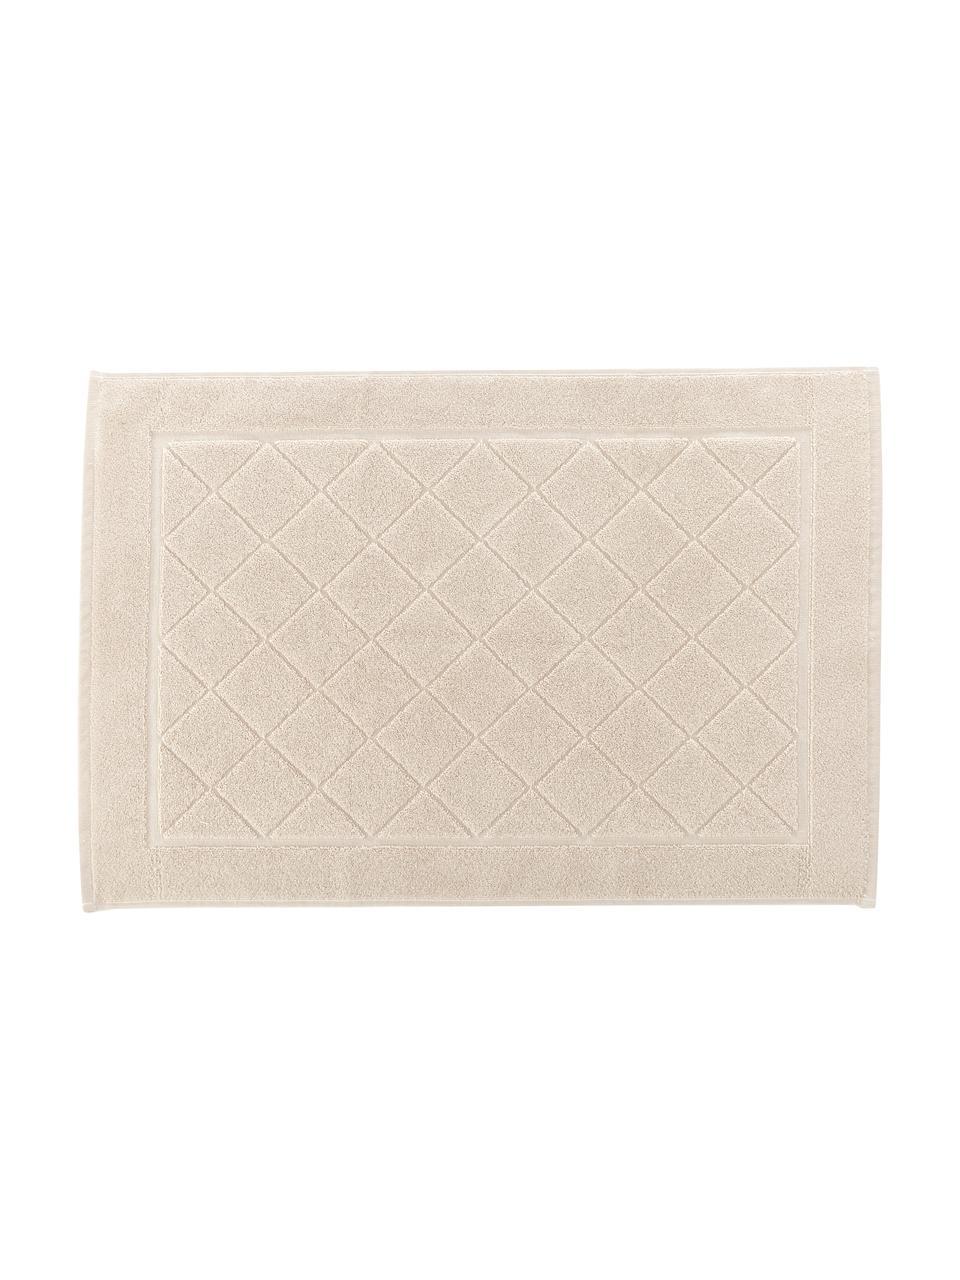 Badvorleger Diamond, 100% Baumwolle, Beige, 50 x 70 cm